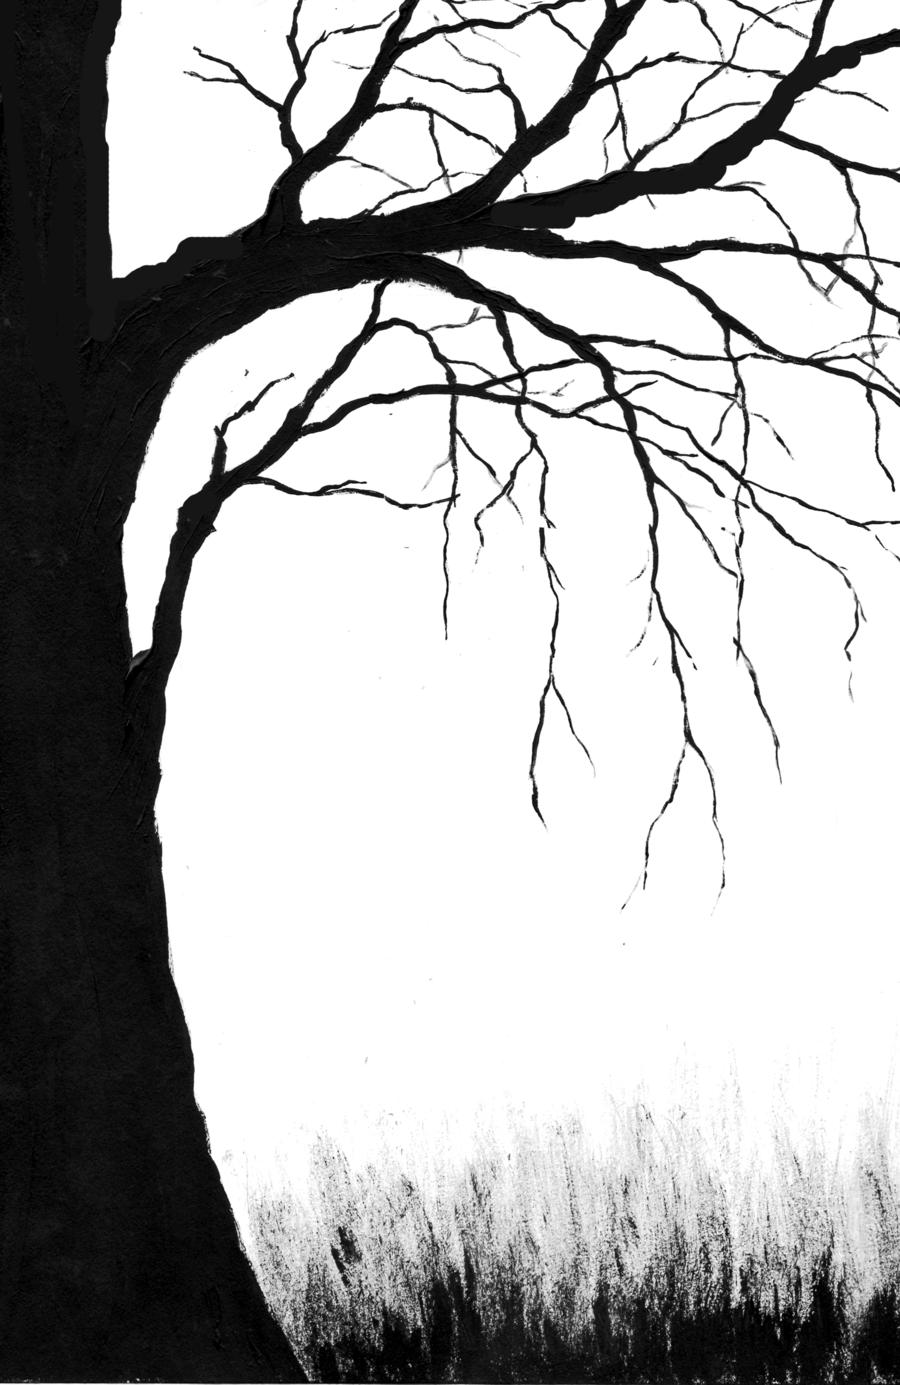 hight resolution of creepy tree